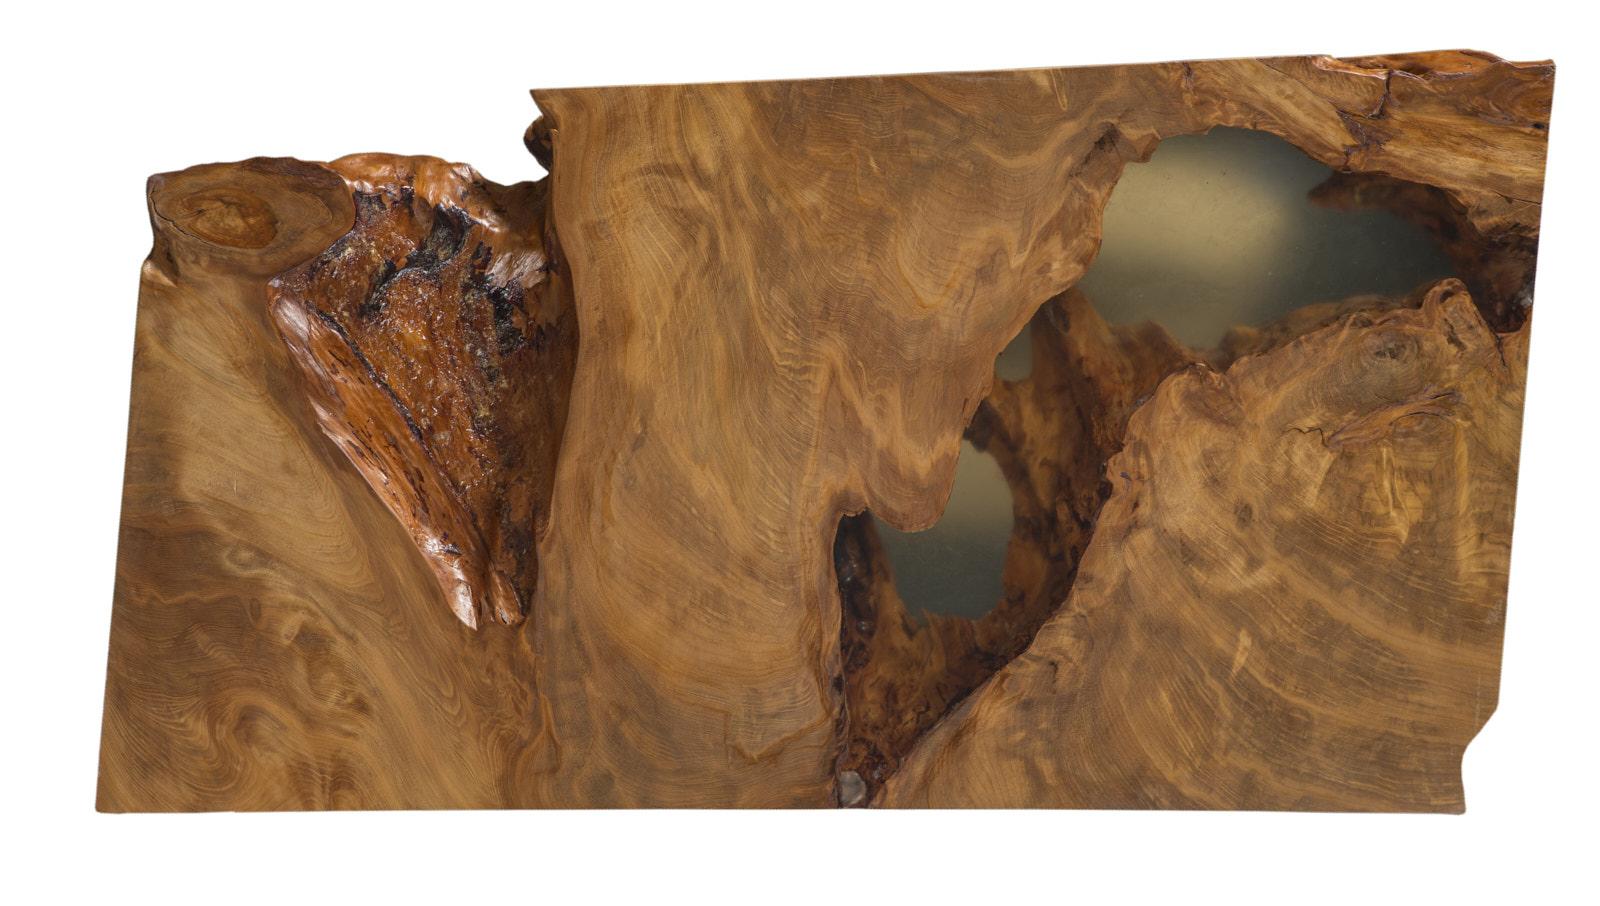 Kauri Skulptur als Natur Kunstwerk aus Holz oder als exklusive Holzkunst als Couchtisch